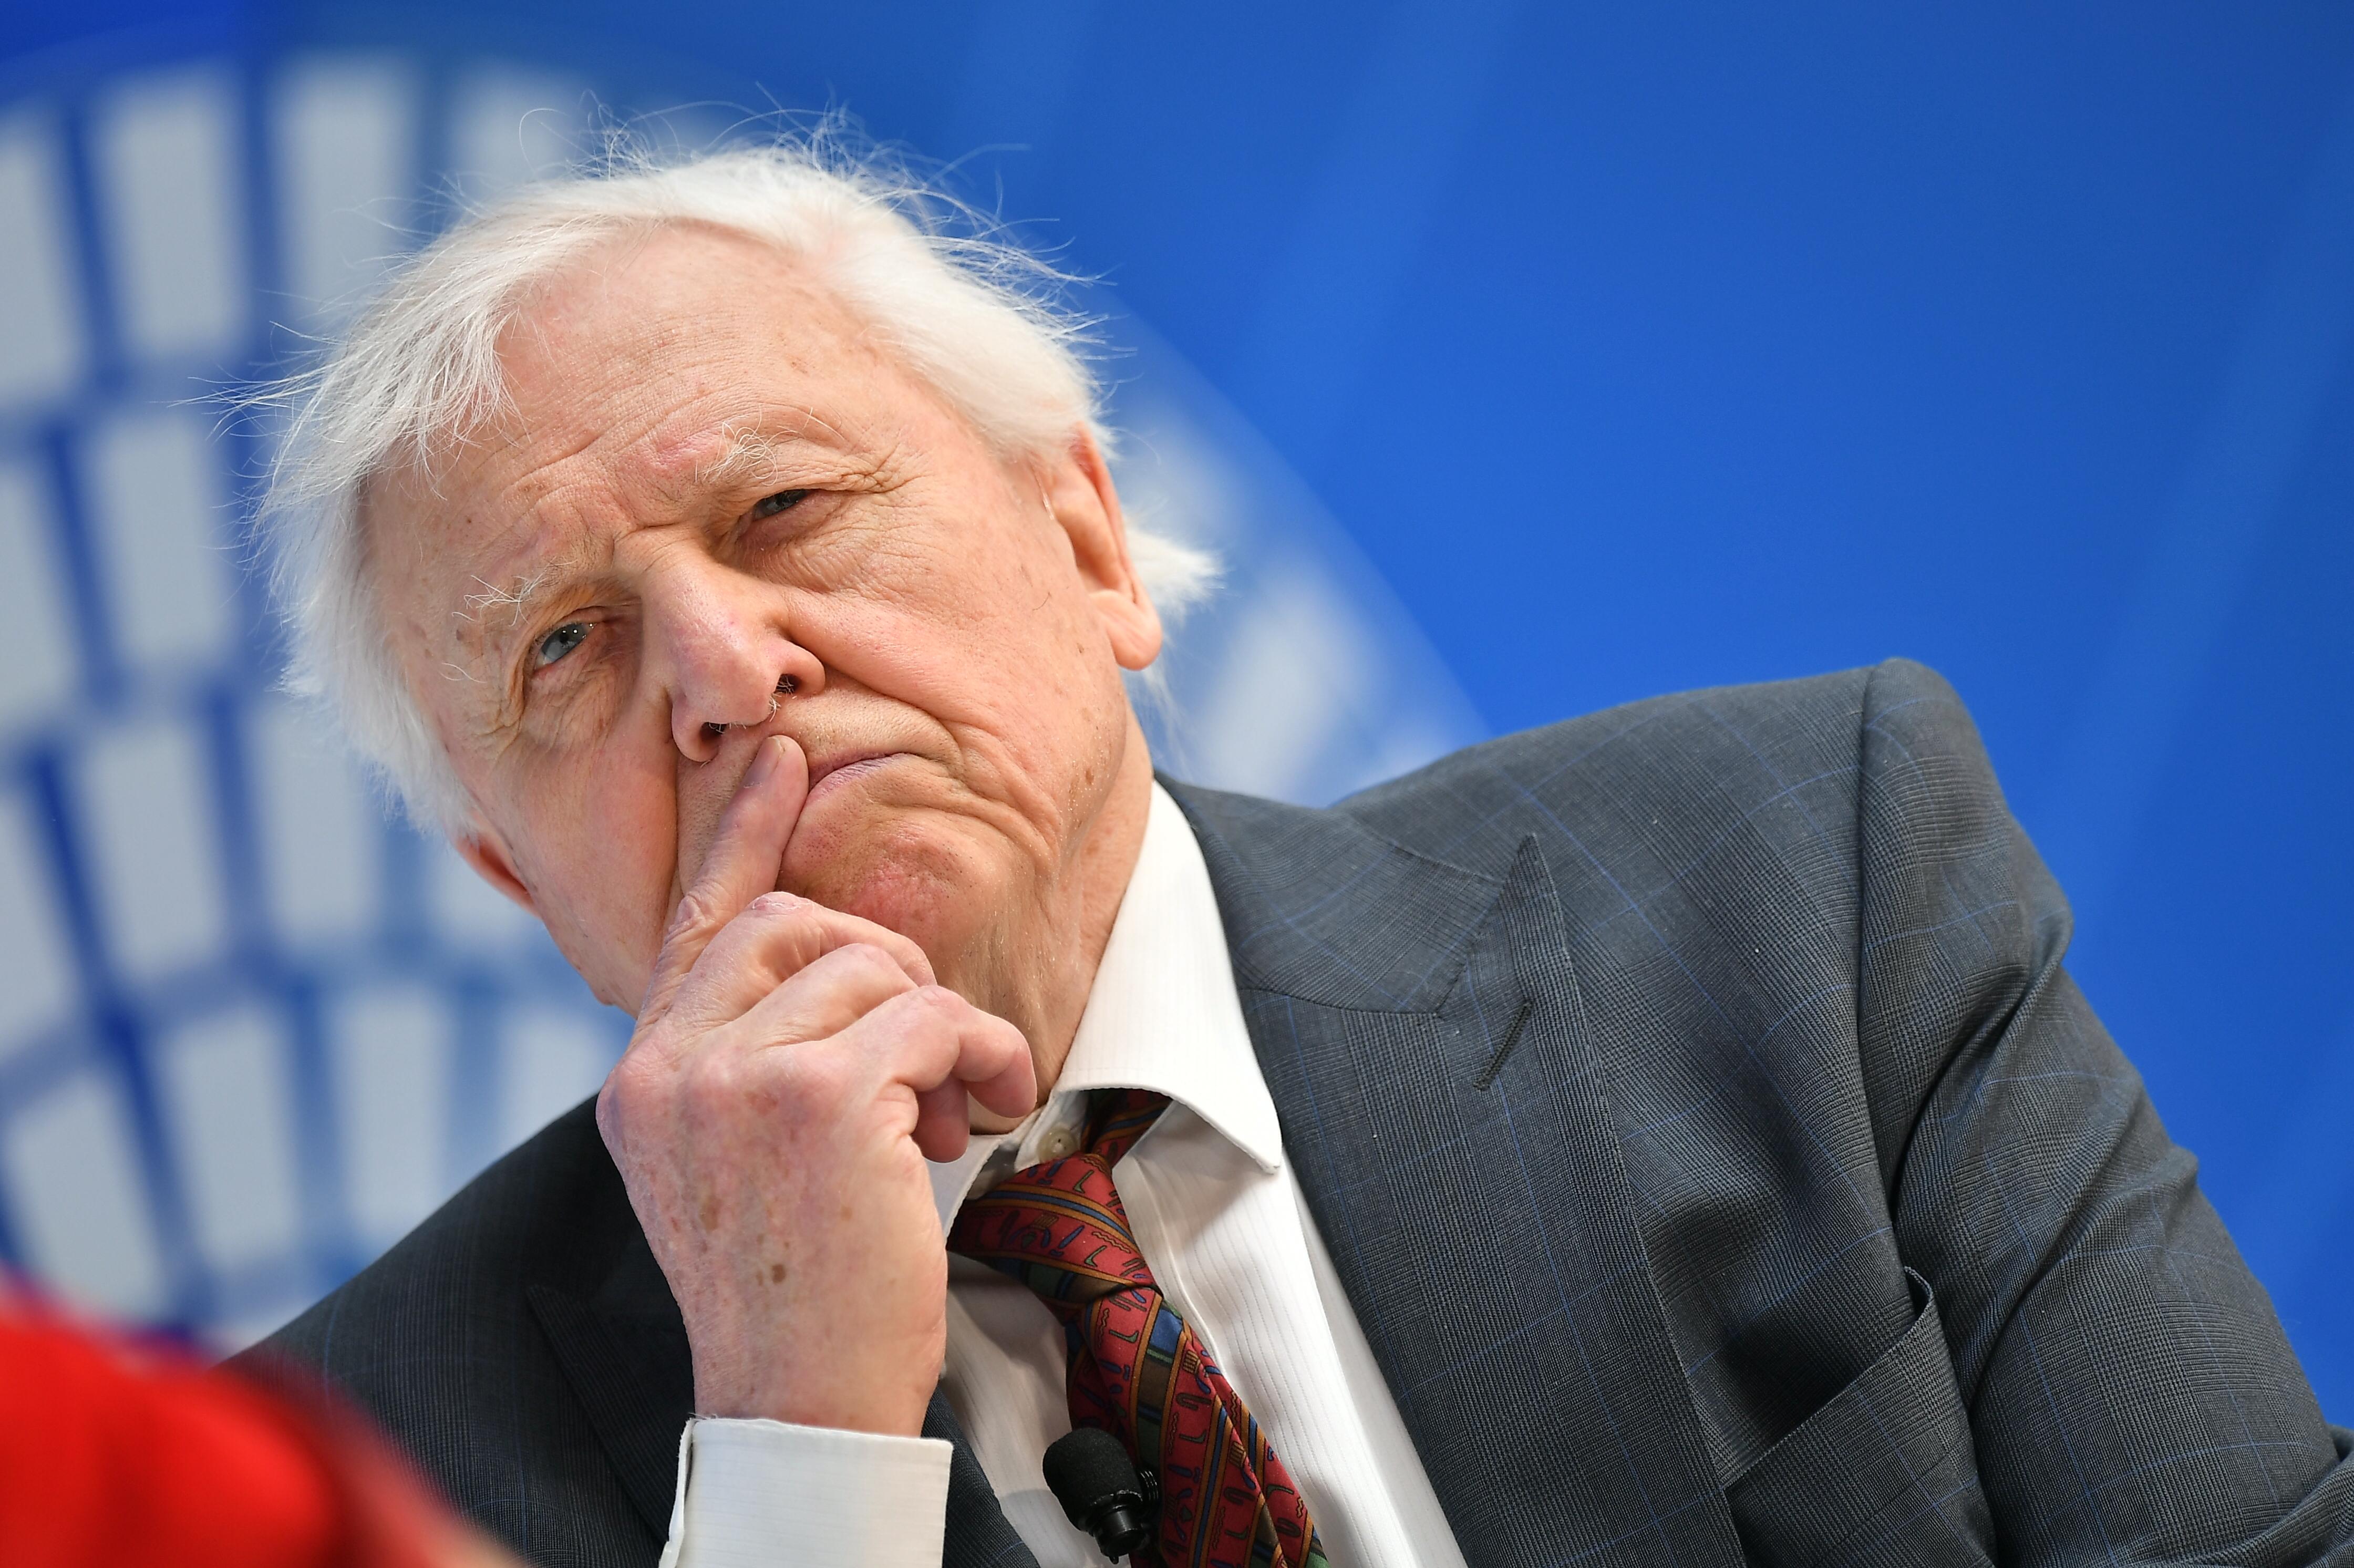 Madárcsicsergéssel szórakoztatta magát Sir David Attenborough a karantén idején